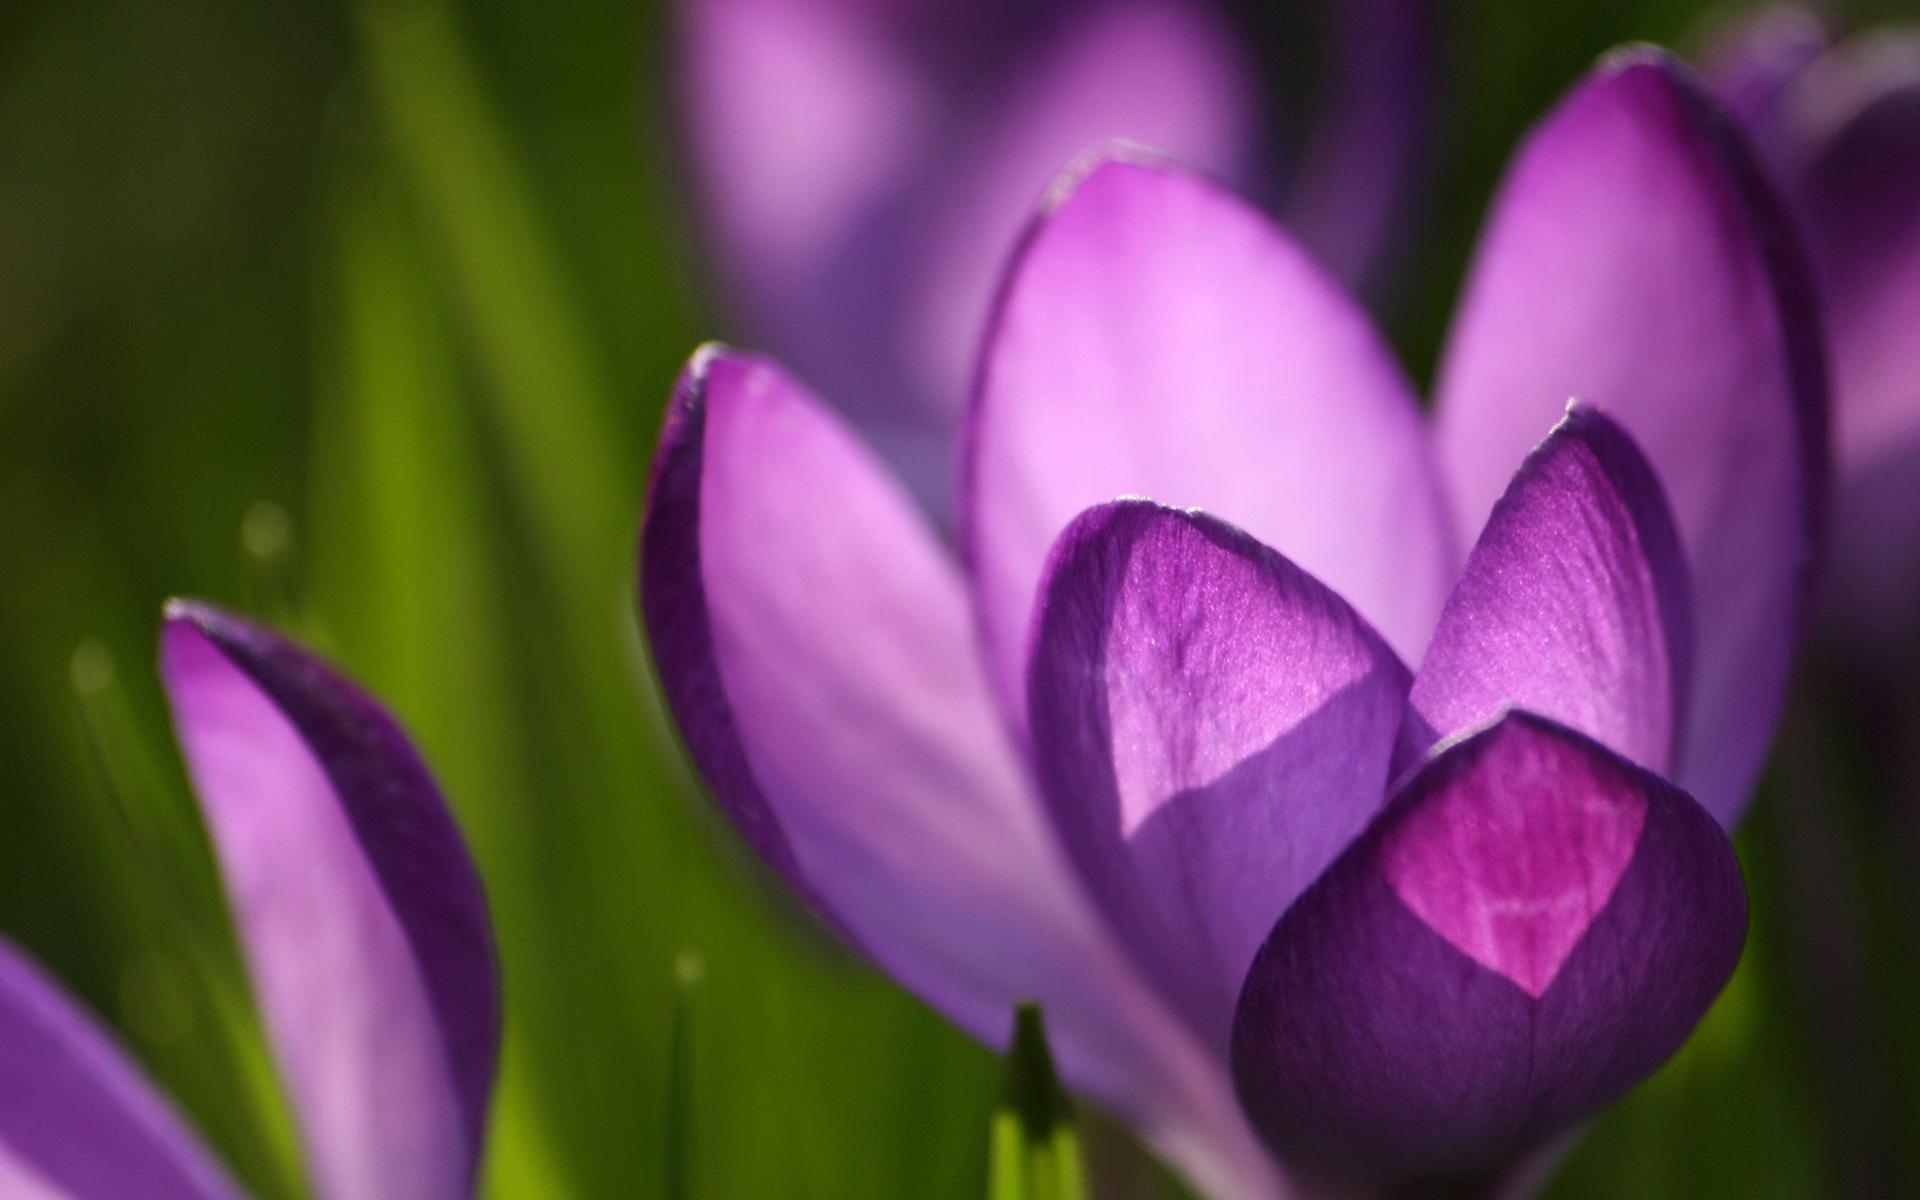 Фотографии цветов в хорошем качестве фиолетовые